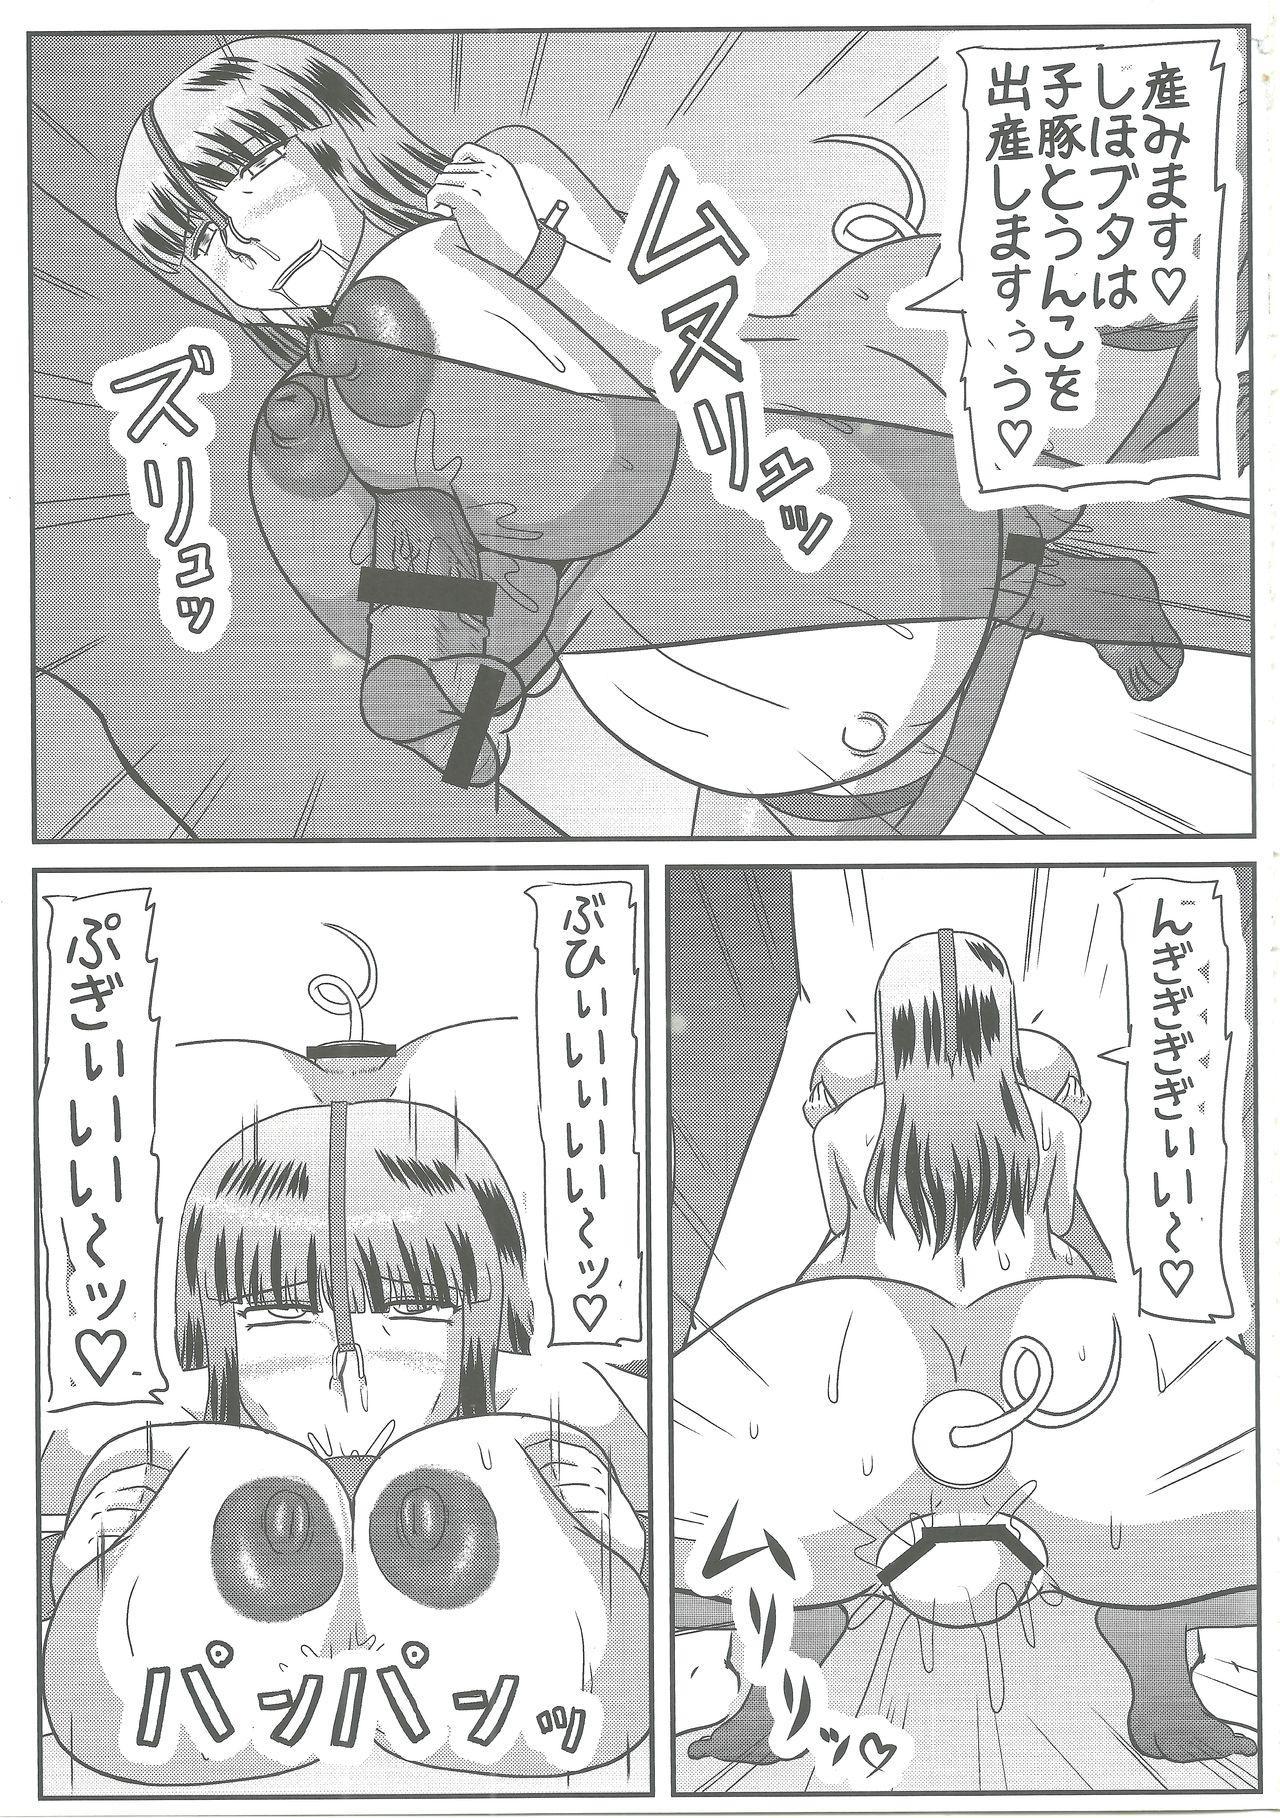 Gifu Joufu Iemoto 23